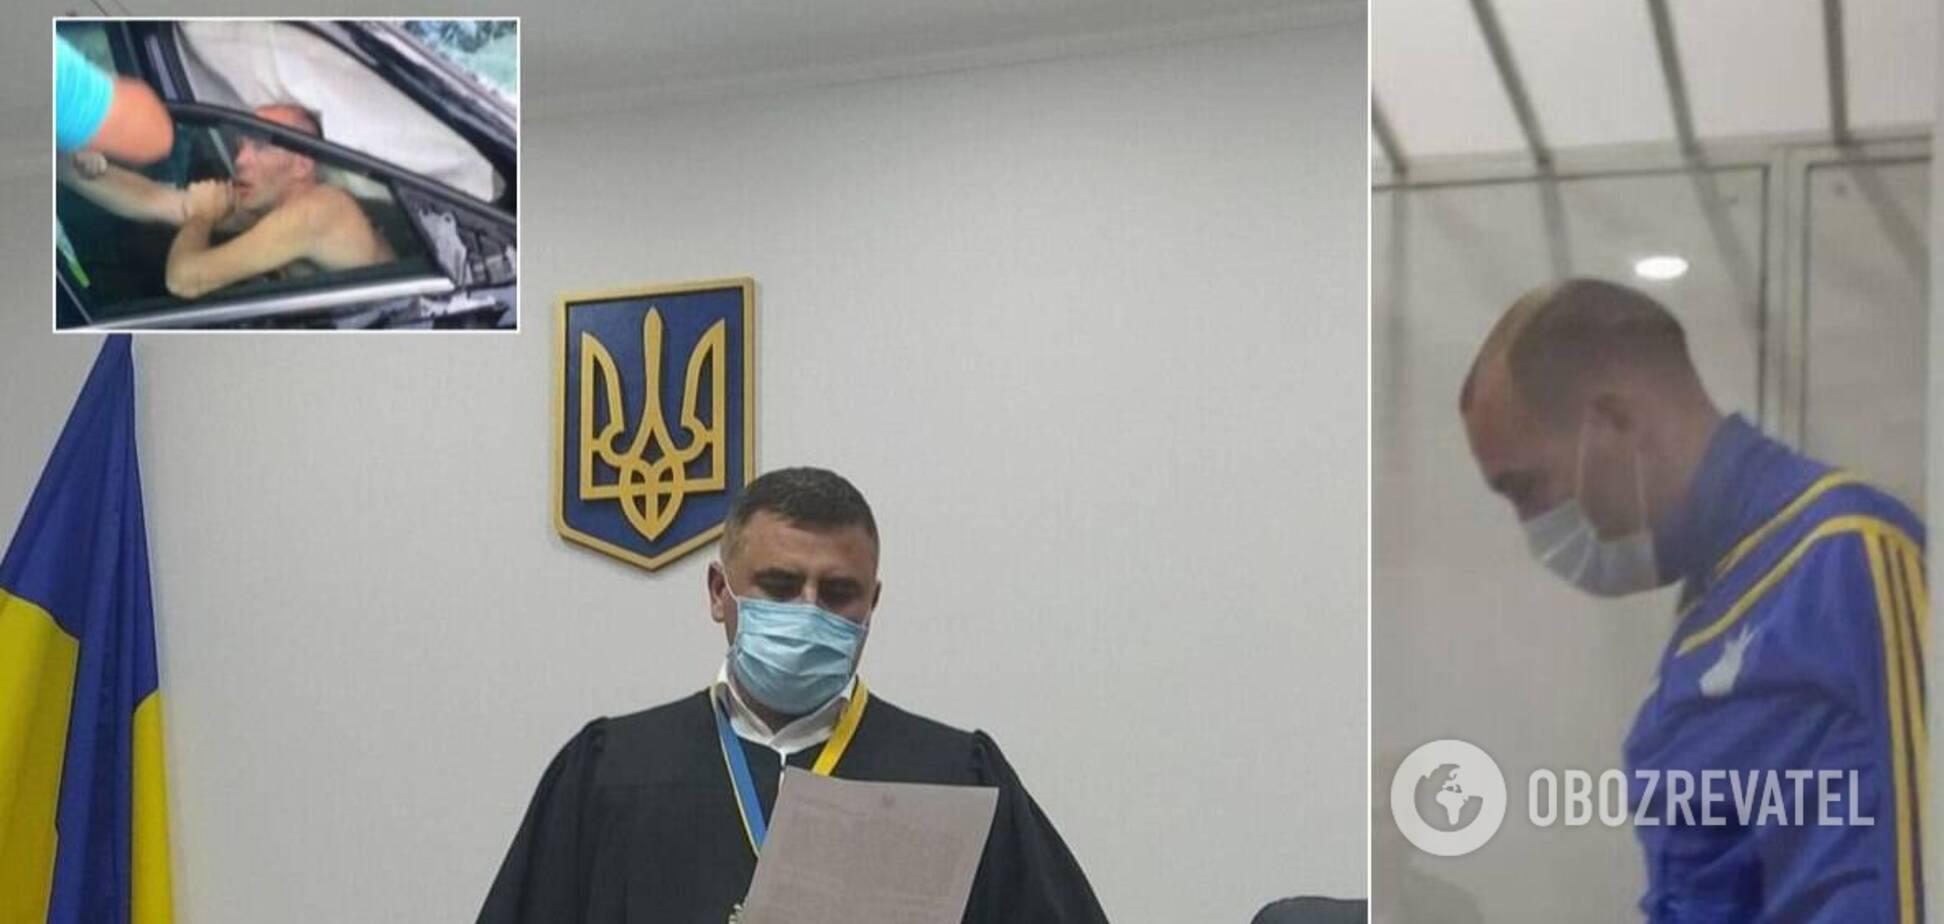 ДТП на Столичному шосе у Києві: всі подробиці суду над п'яним водієм Желепою